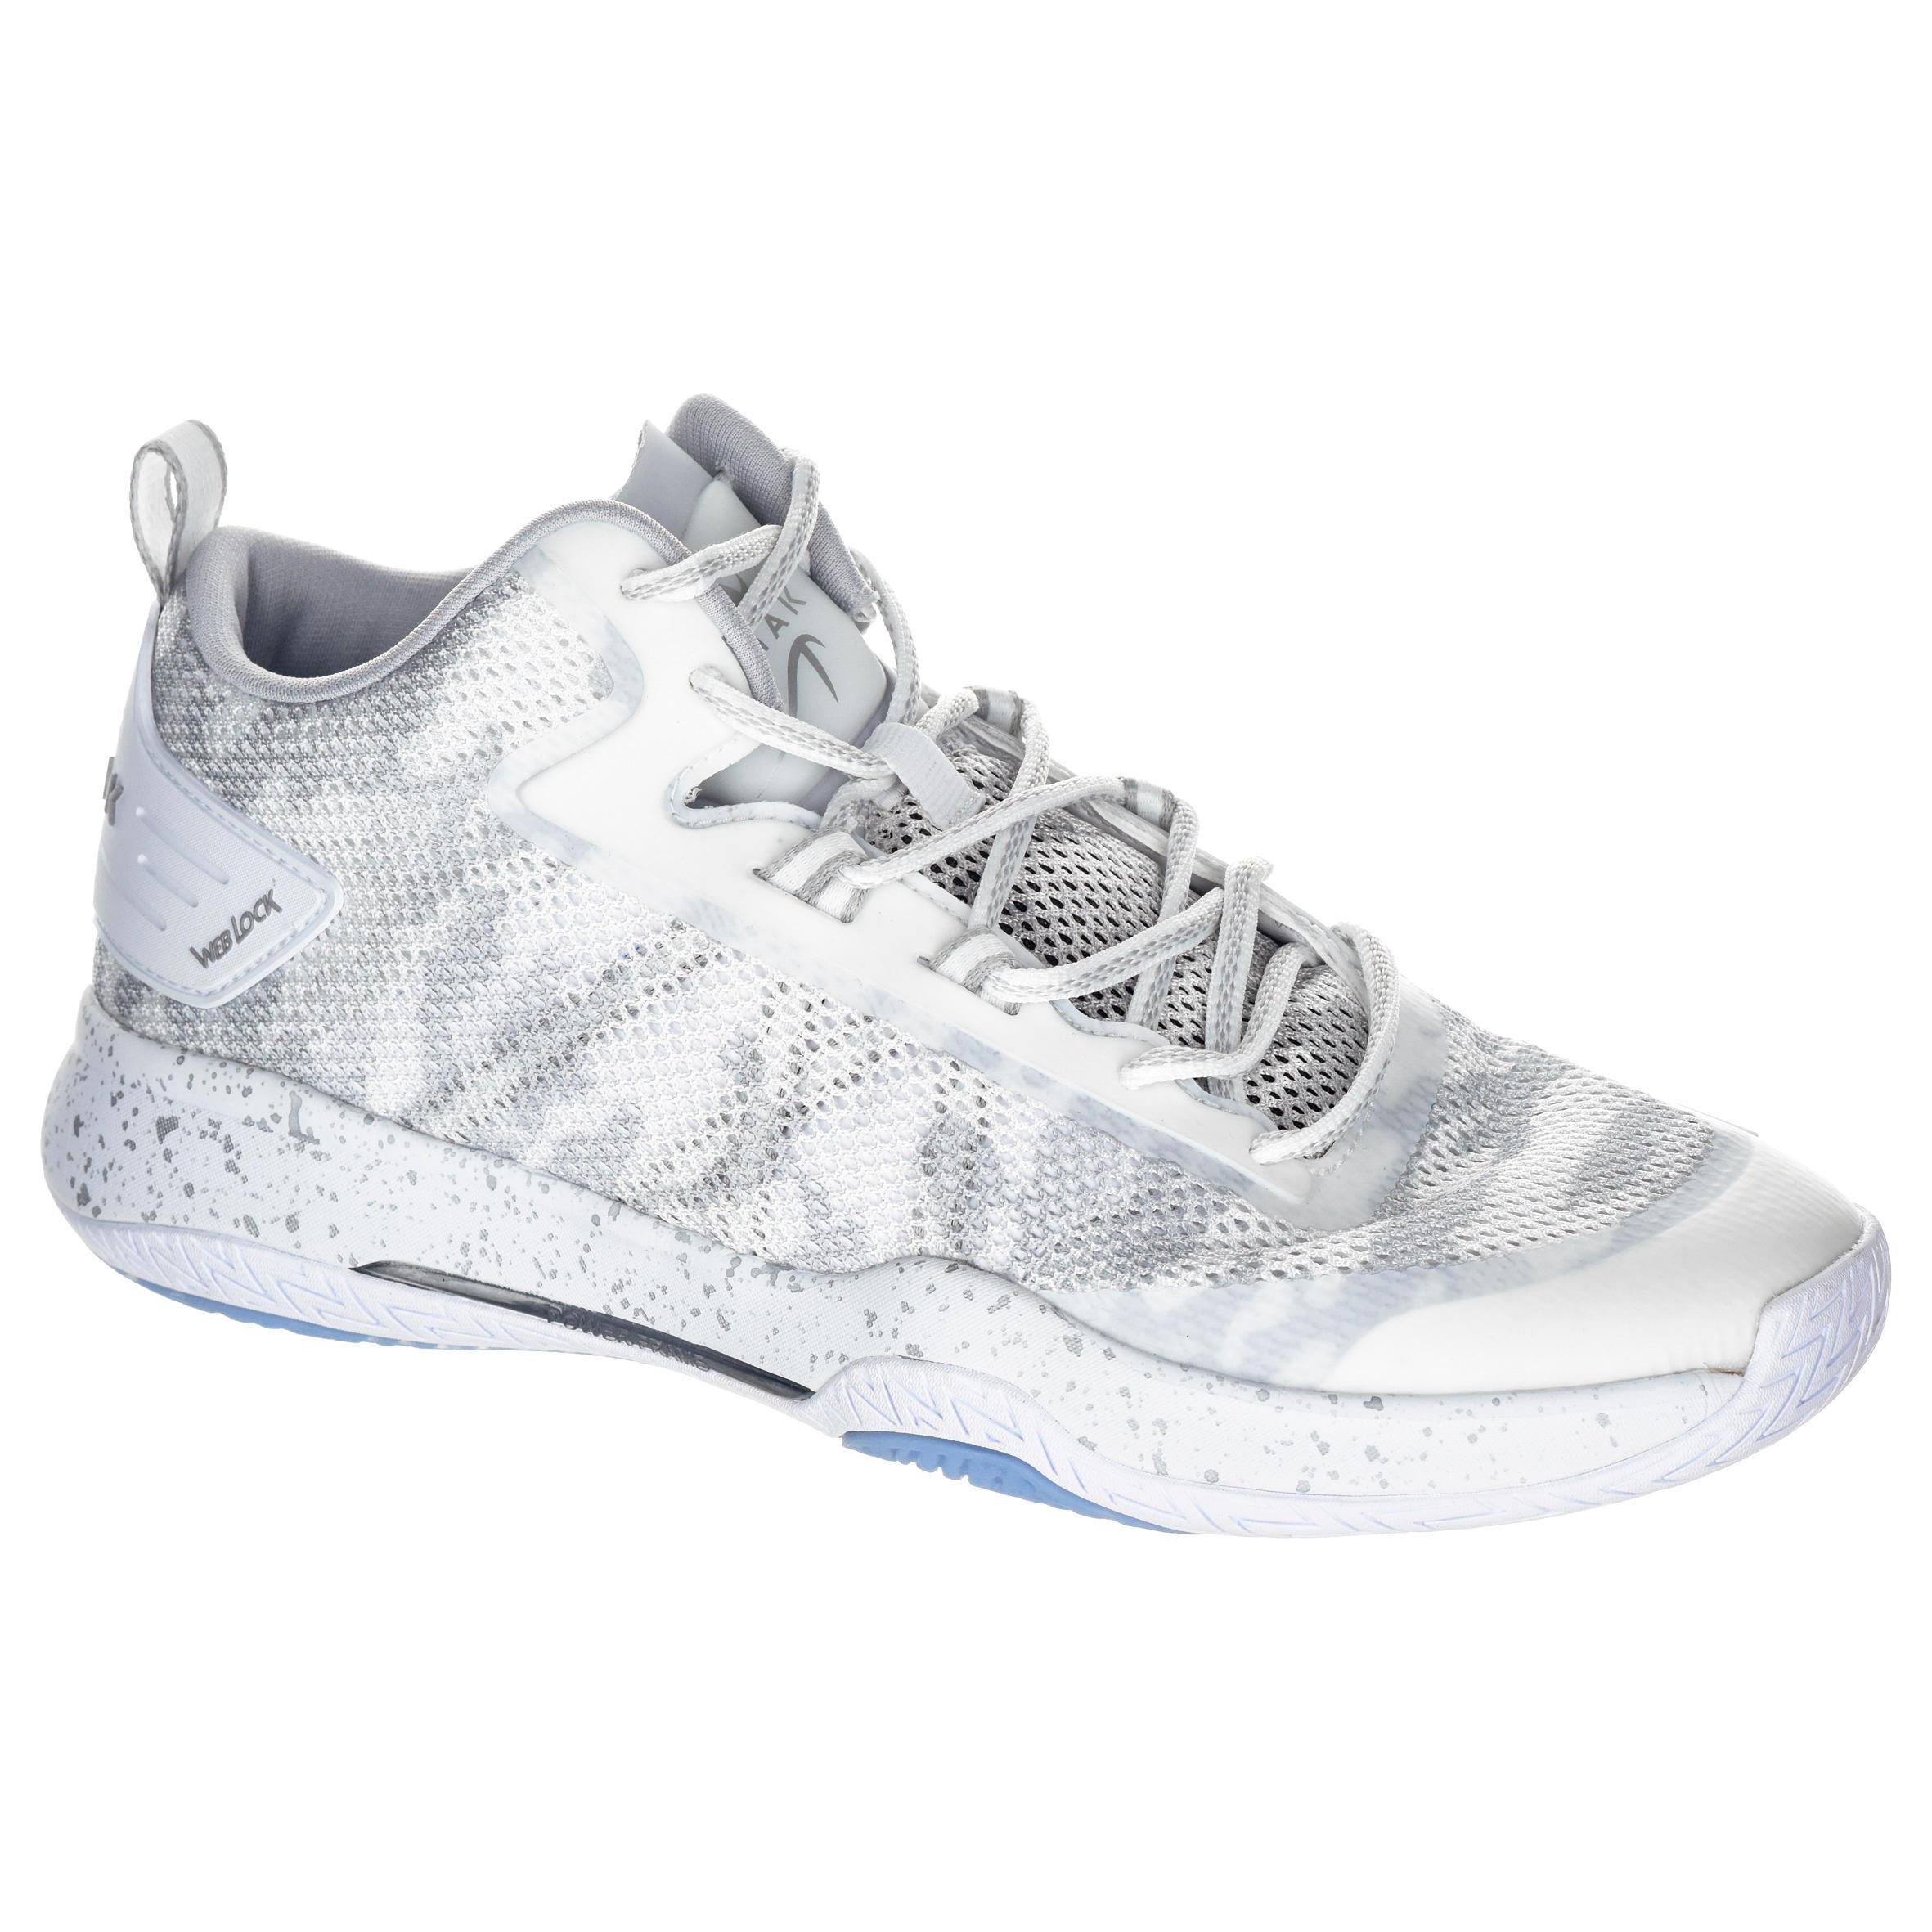 Tarmak Basketbalschoenen volwassenen H/D gevorderden SC 500 mid wit